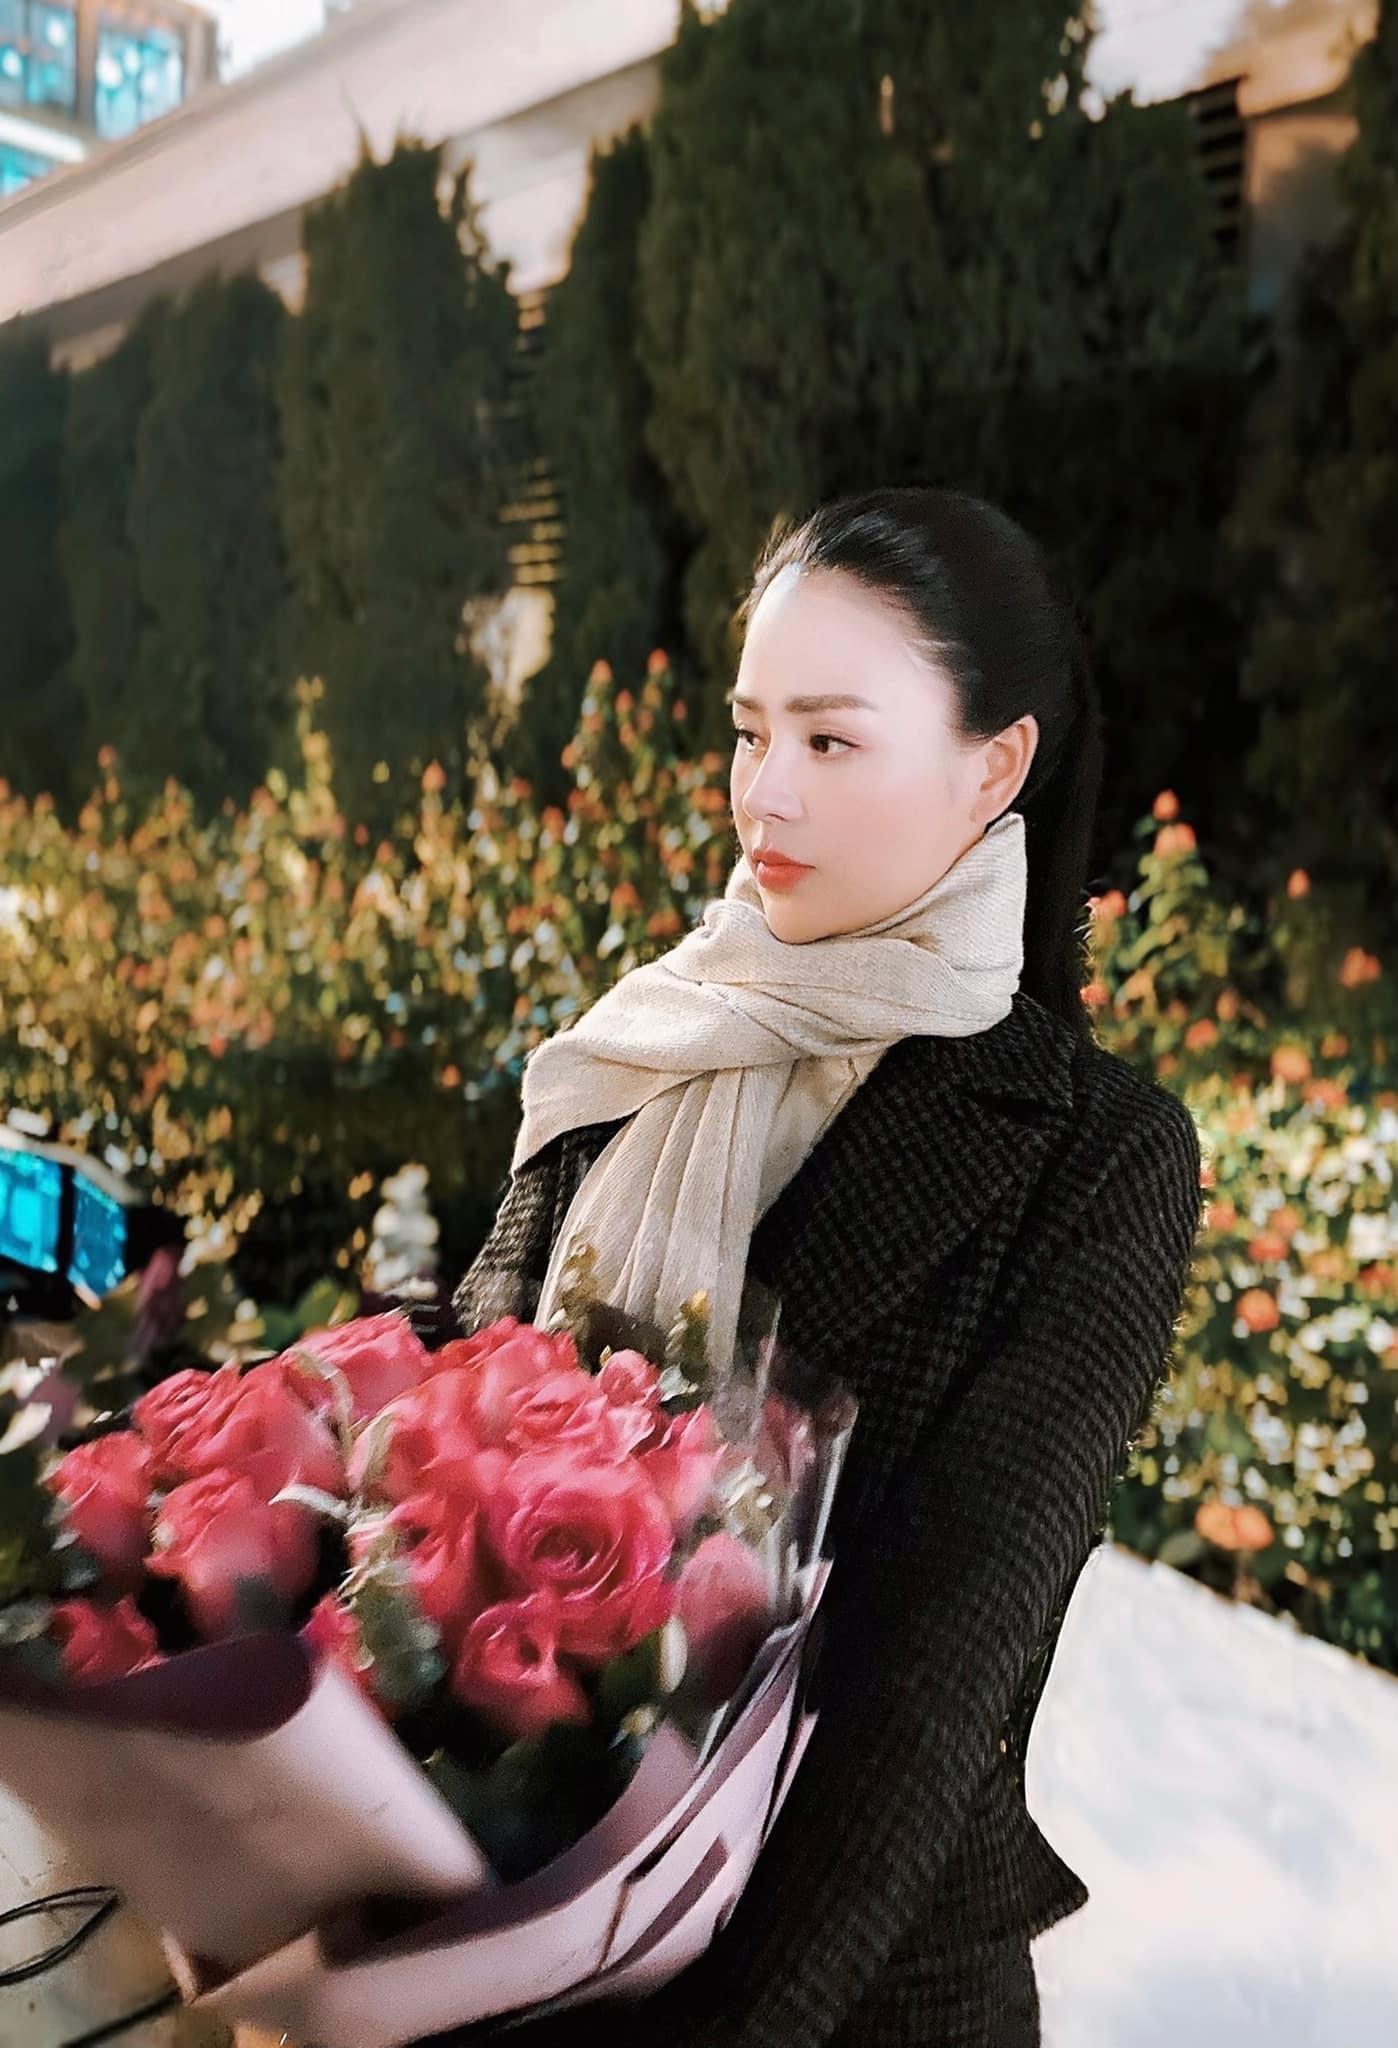 Đình Tú, Thu Trang rét run, gồng mình vì 'Hướng dương ngược nắng'